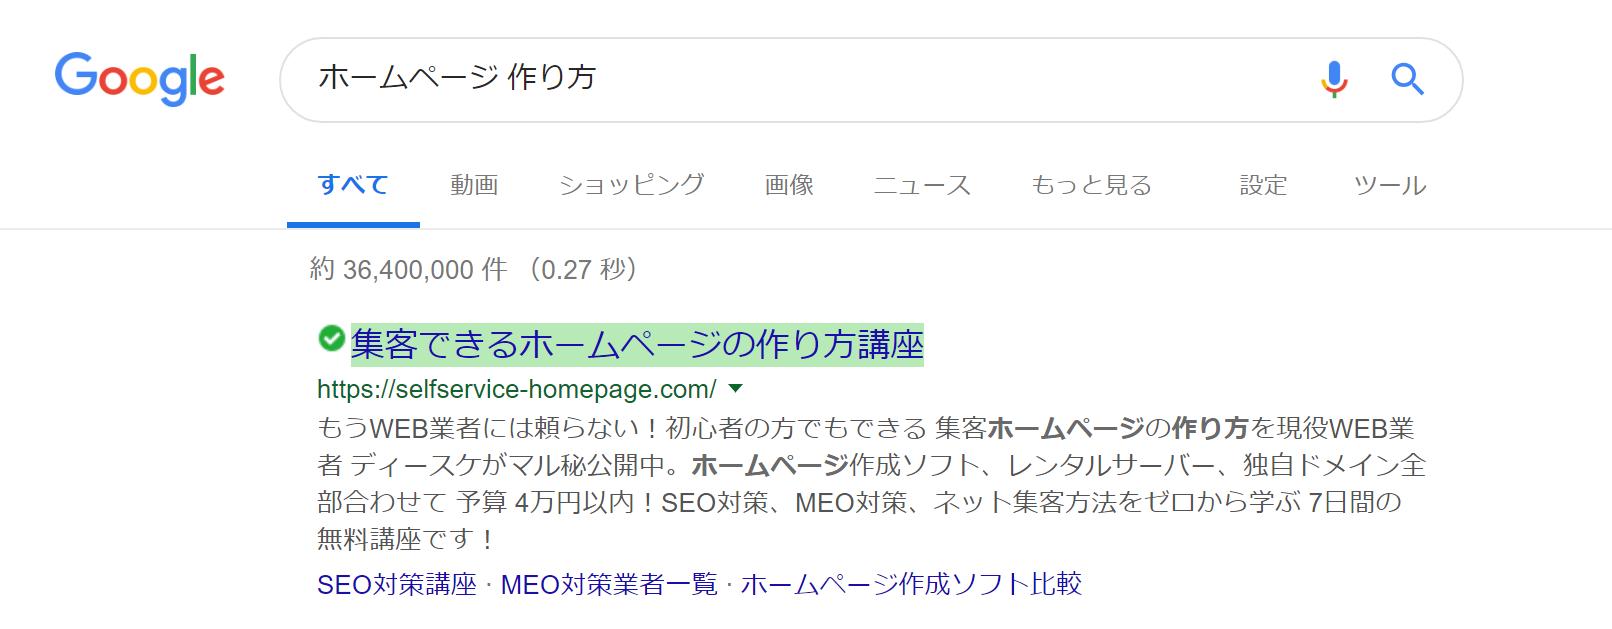 メタディスクリプションの内容に含まれるキーワードは、検索キーワードと合致すると、太字になる?!